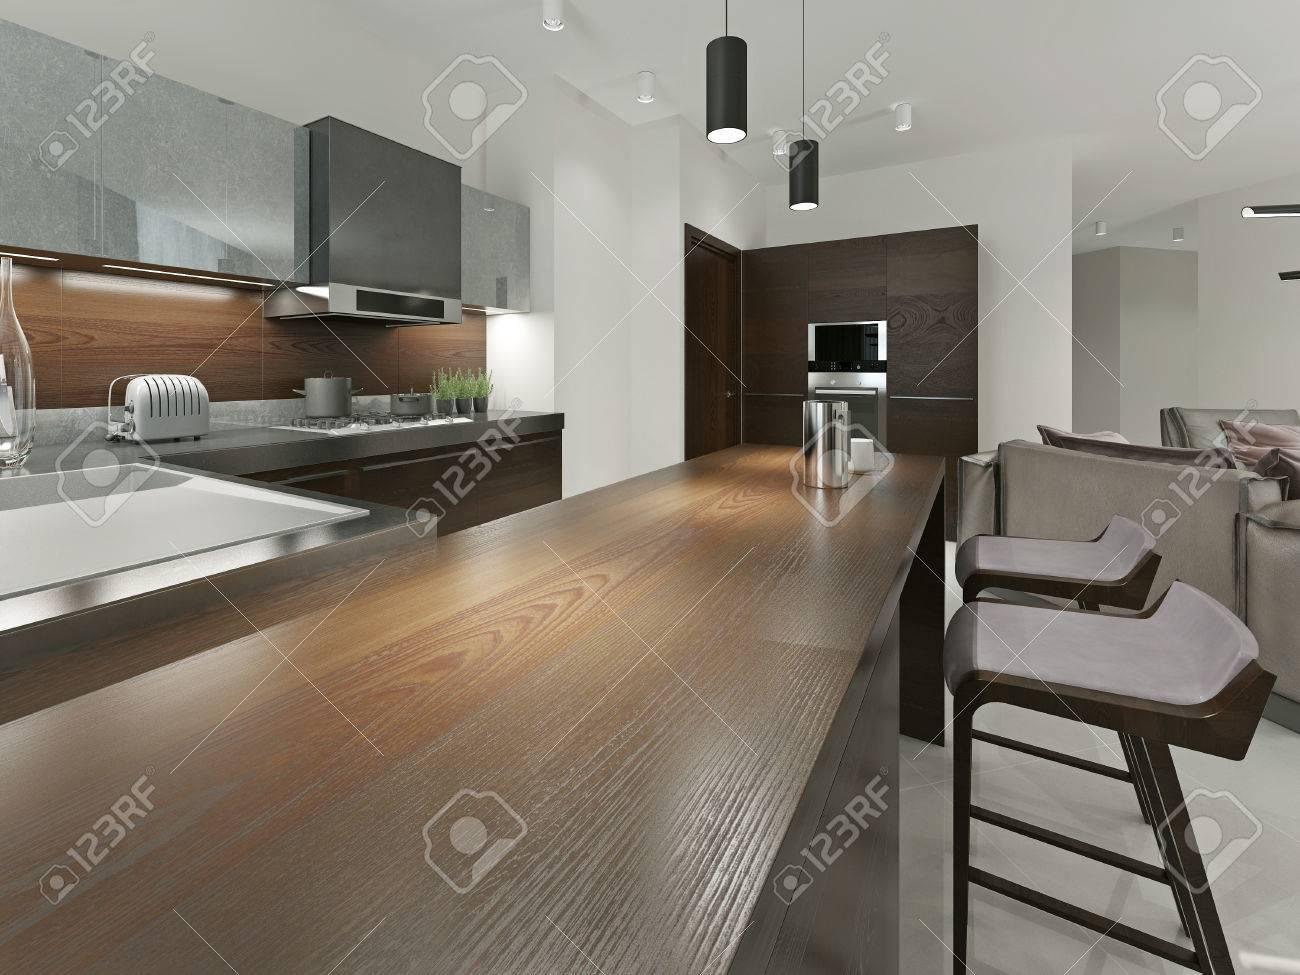 Inter Moderne Küche Mit Bar Und Barhockern. Küchenmöbel Holz Mit ...